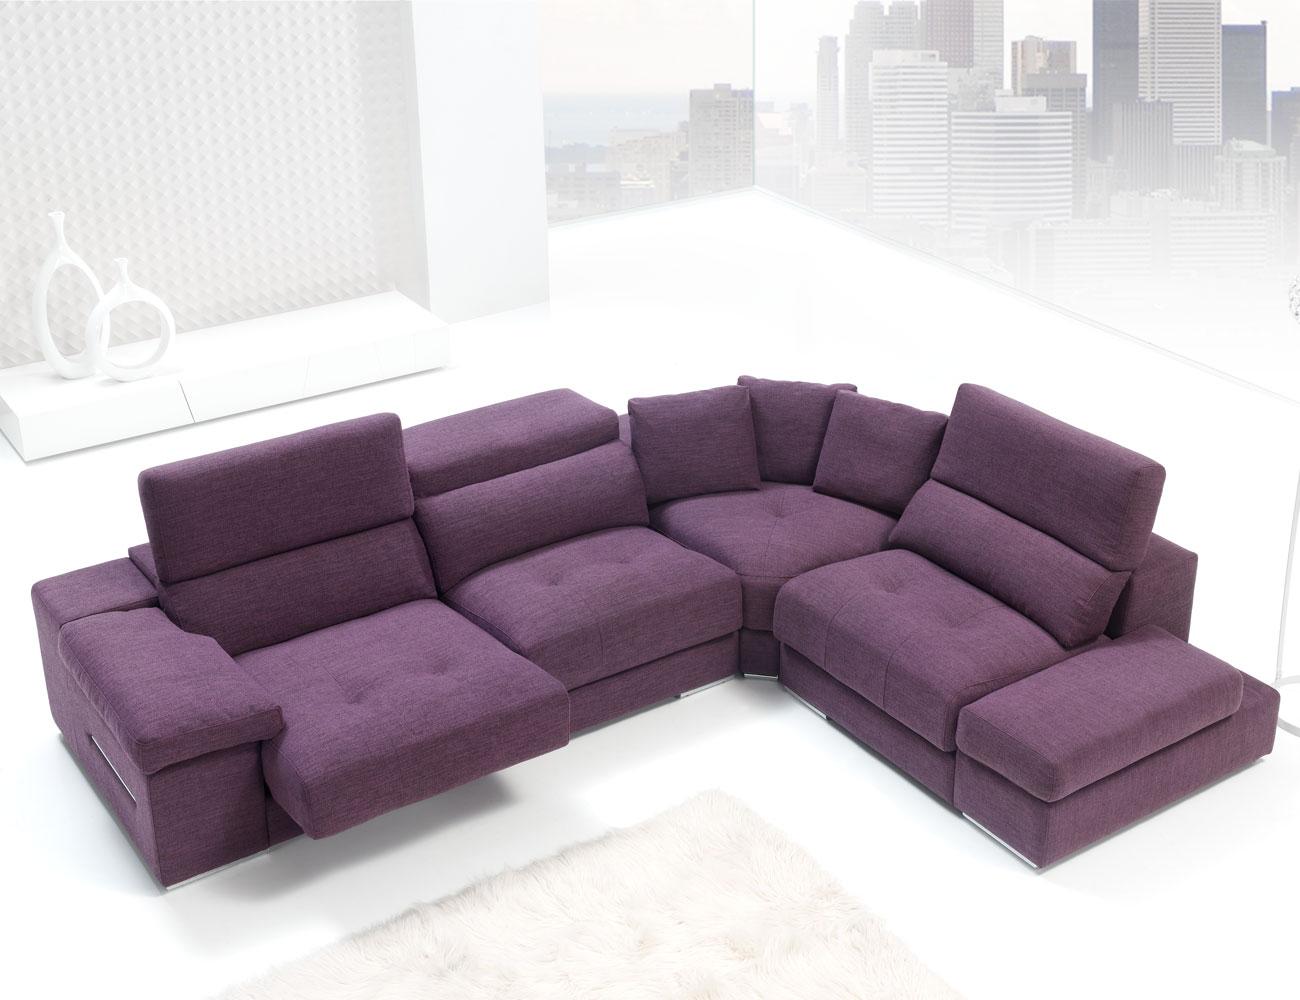 Sofa chaiselongue rincon con brazo mecanico tejido anti manchas 29